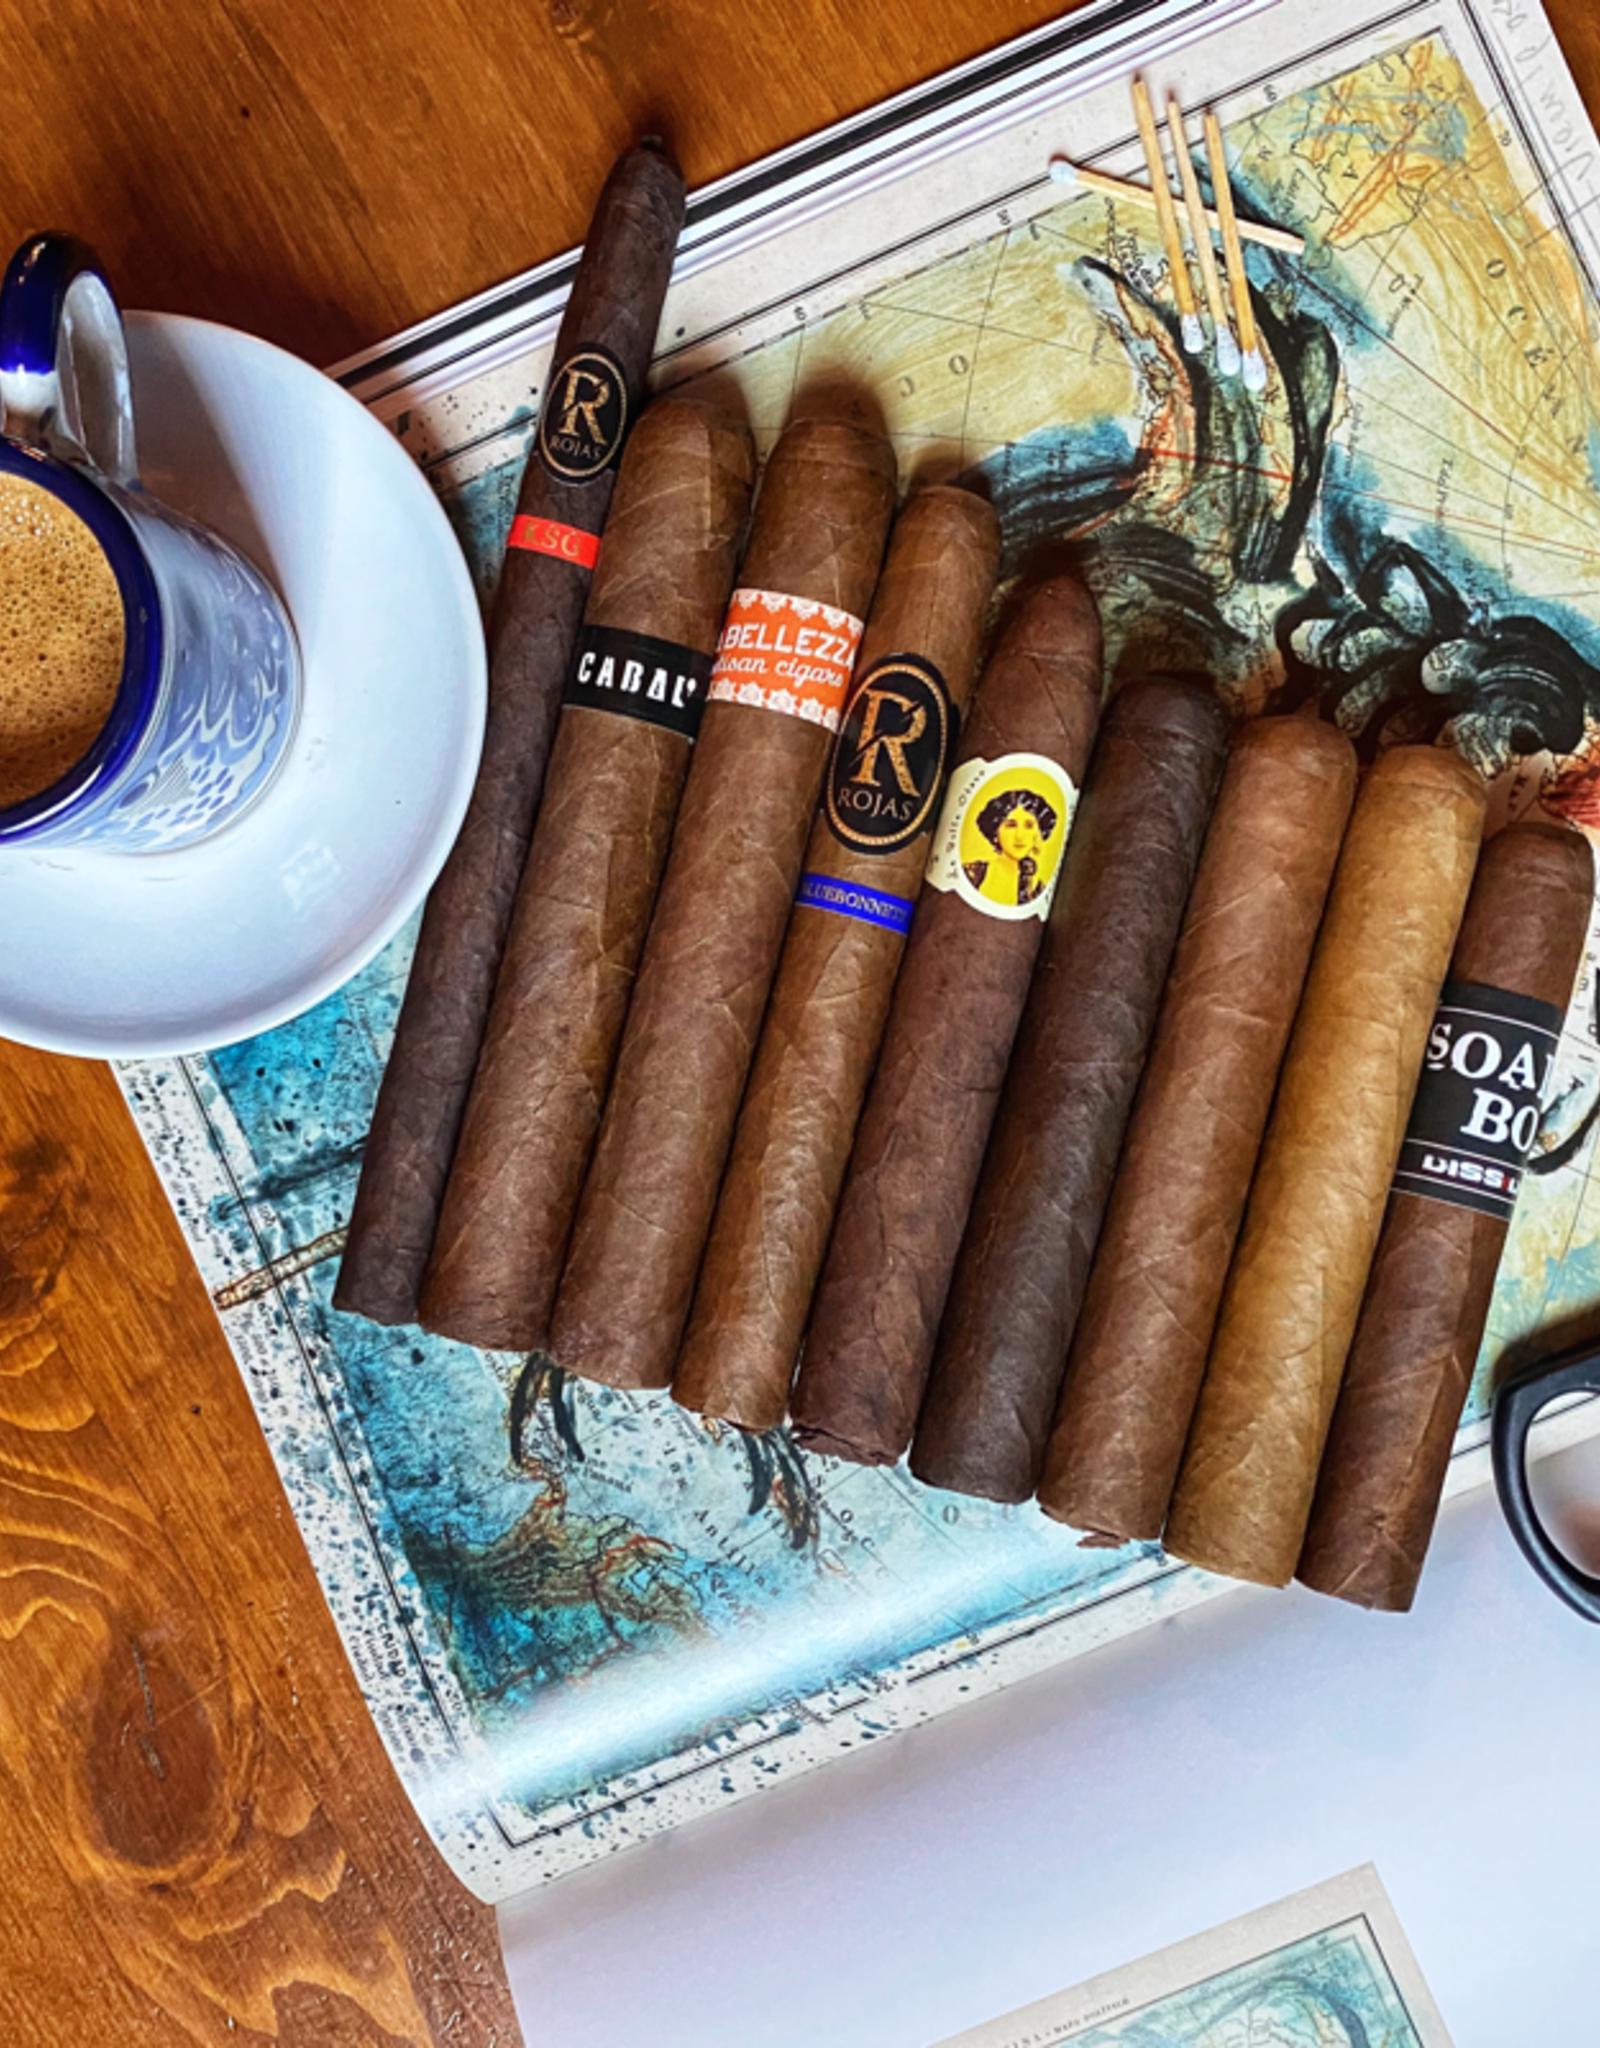 Flights Texas Cigar Flight